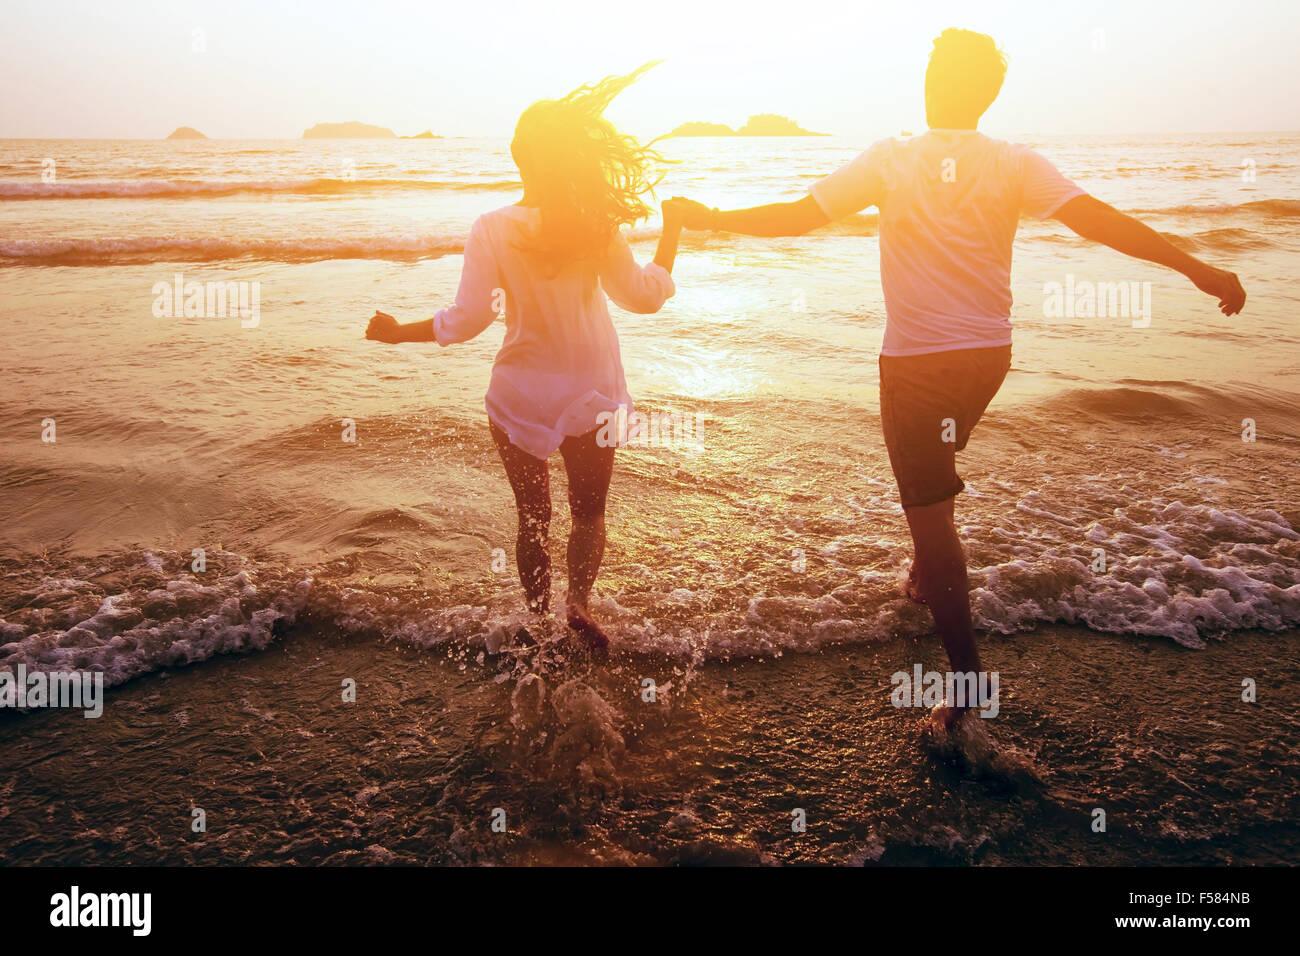 Coppia felice sulla spiaggia, le vacanze estive o la luna di miele Immagini Stock